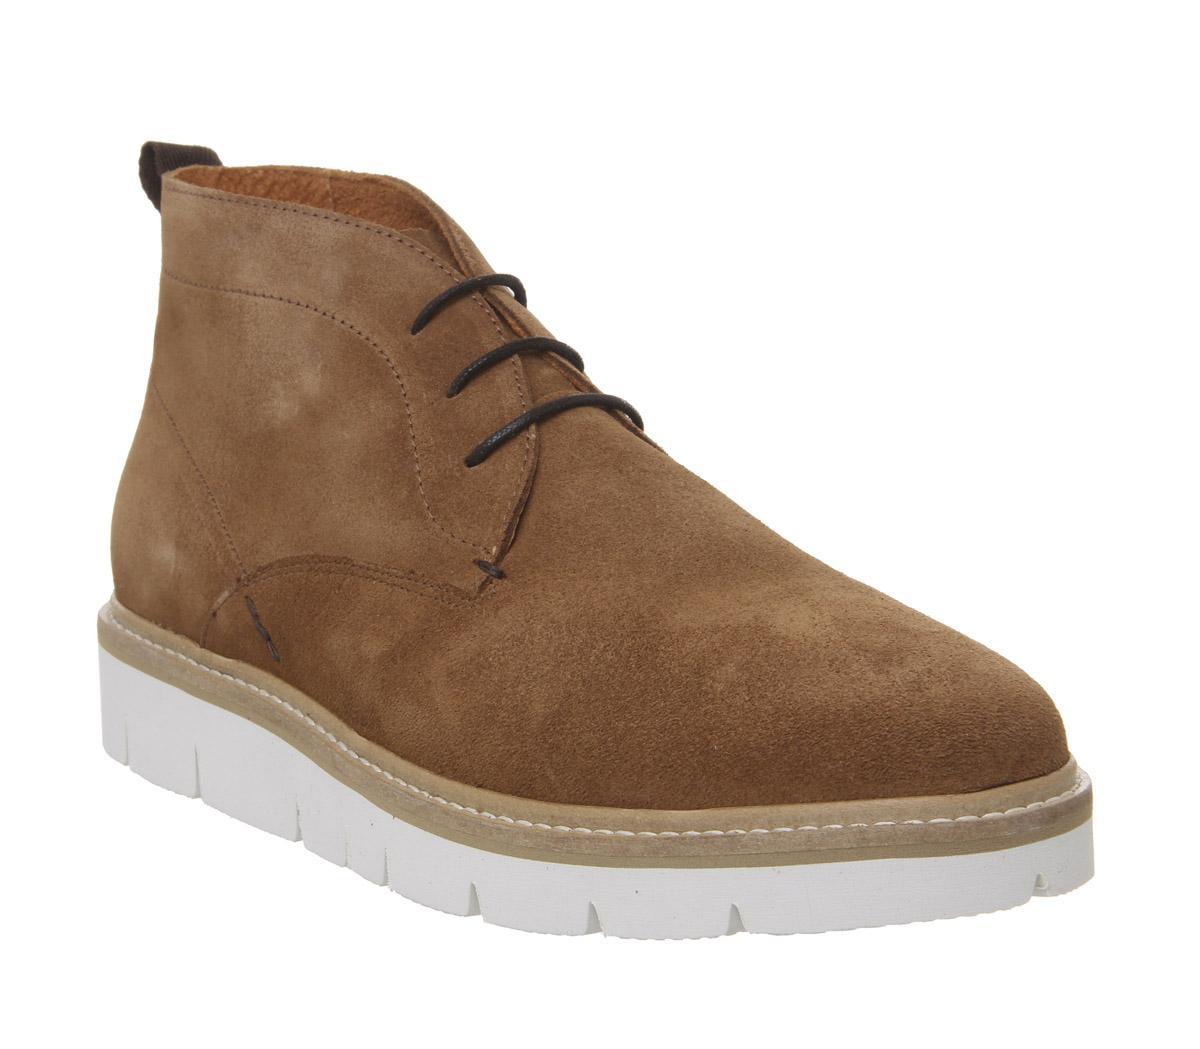 Freeport Chukka Boots